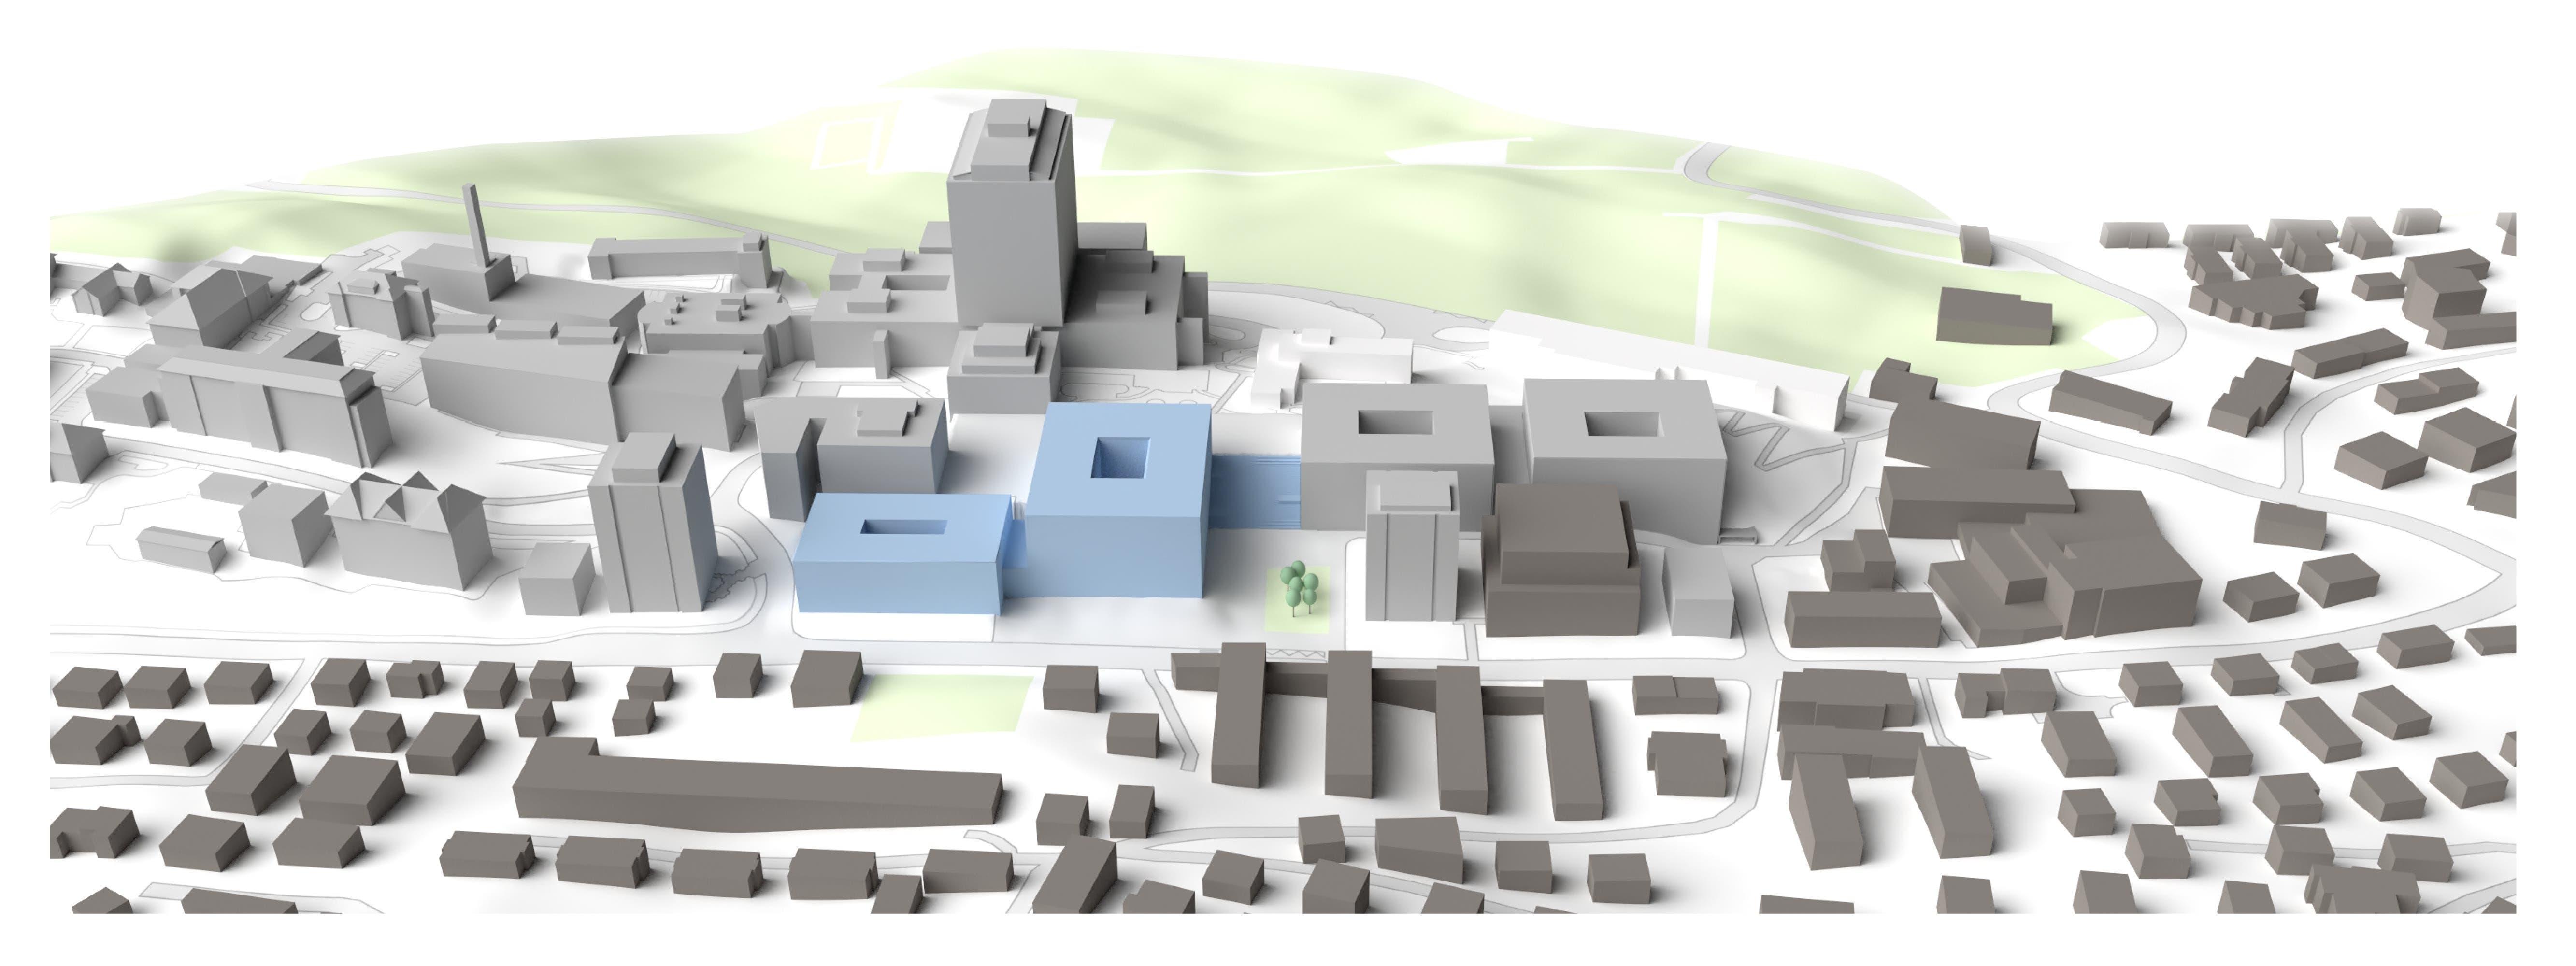 Bauphase 2: Neubau für besucherintensive Angebote wie den Ambulatorien. Hier wird sich künftig der Haupteingang befinden, nicht mehr wie heute im Hochhaus. Das neue Gebäude liegt direkt an der Spitalstrasse und damit in nächster Nähe zum ÖV.